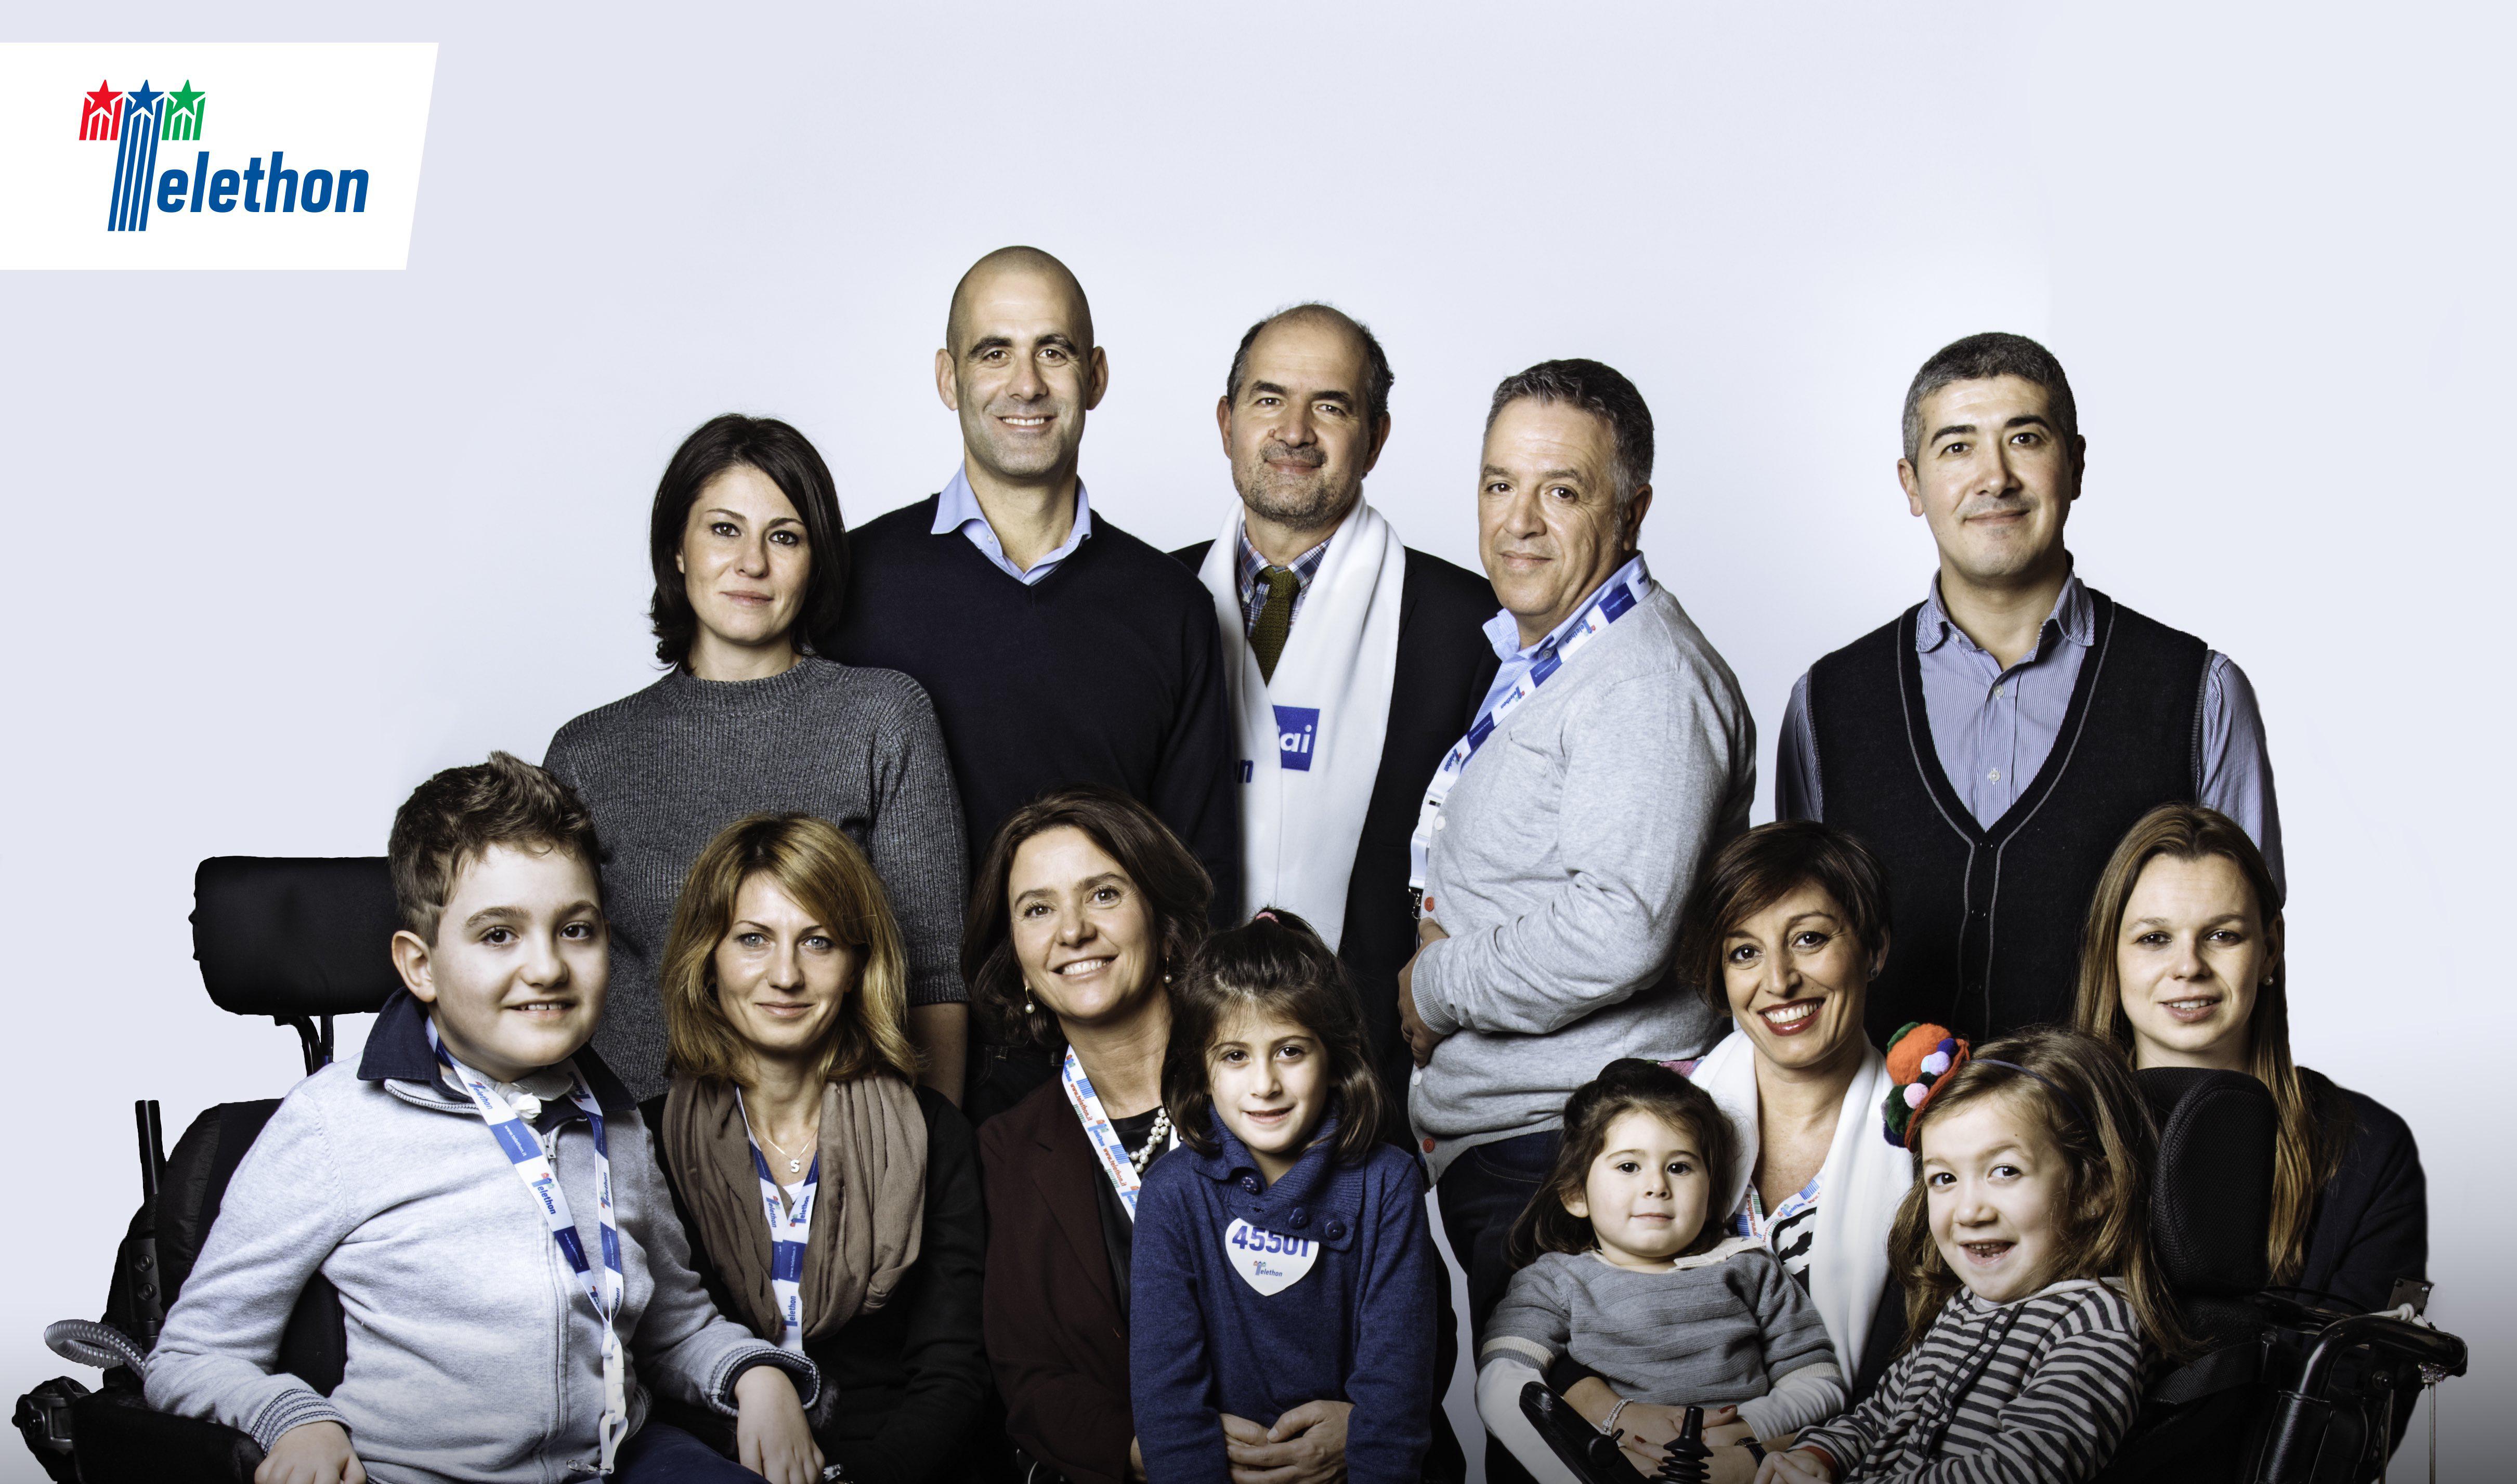 L'Italia sostiene la ricerca: la maratona di Fondazione Telethon supera i 31,3 milioni di euro